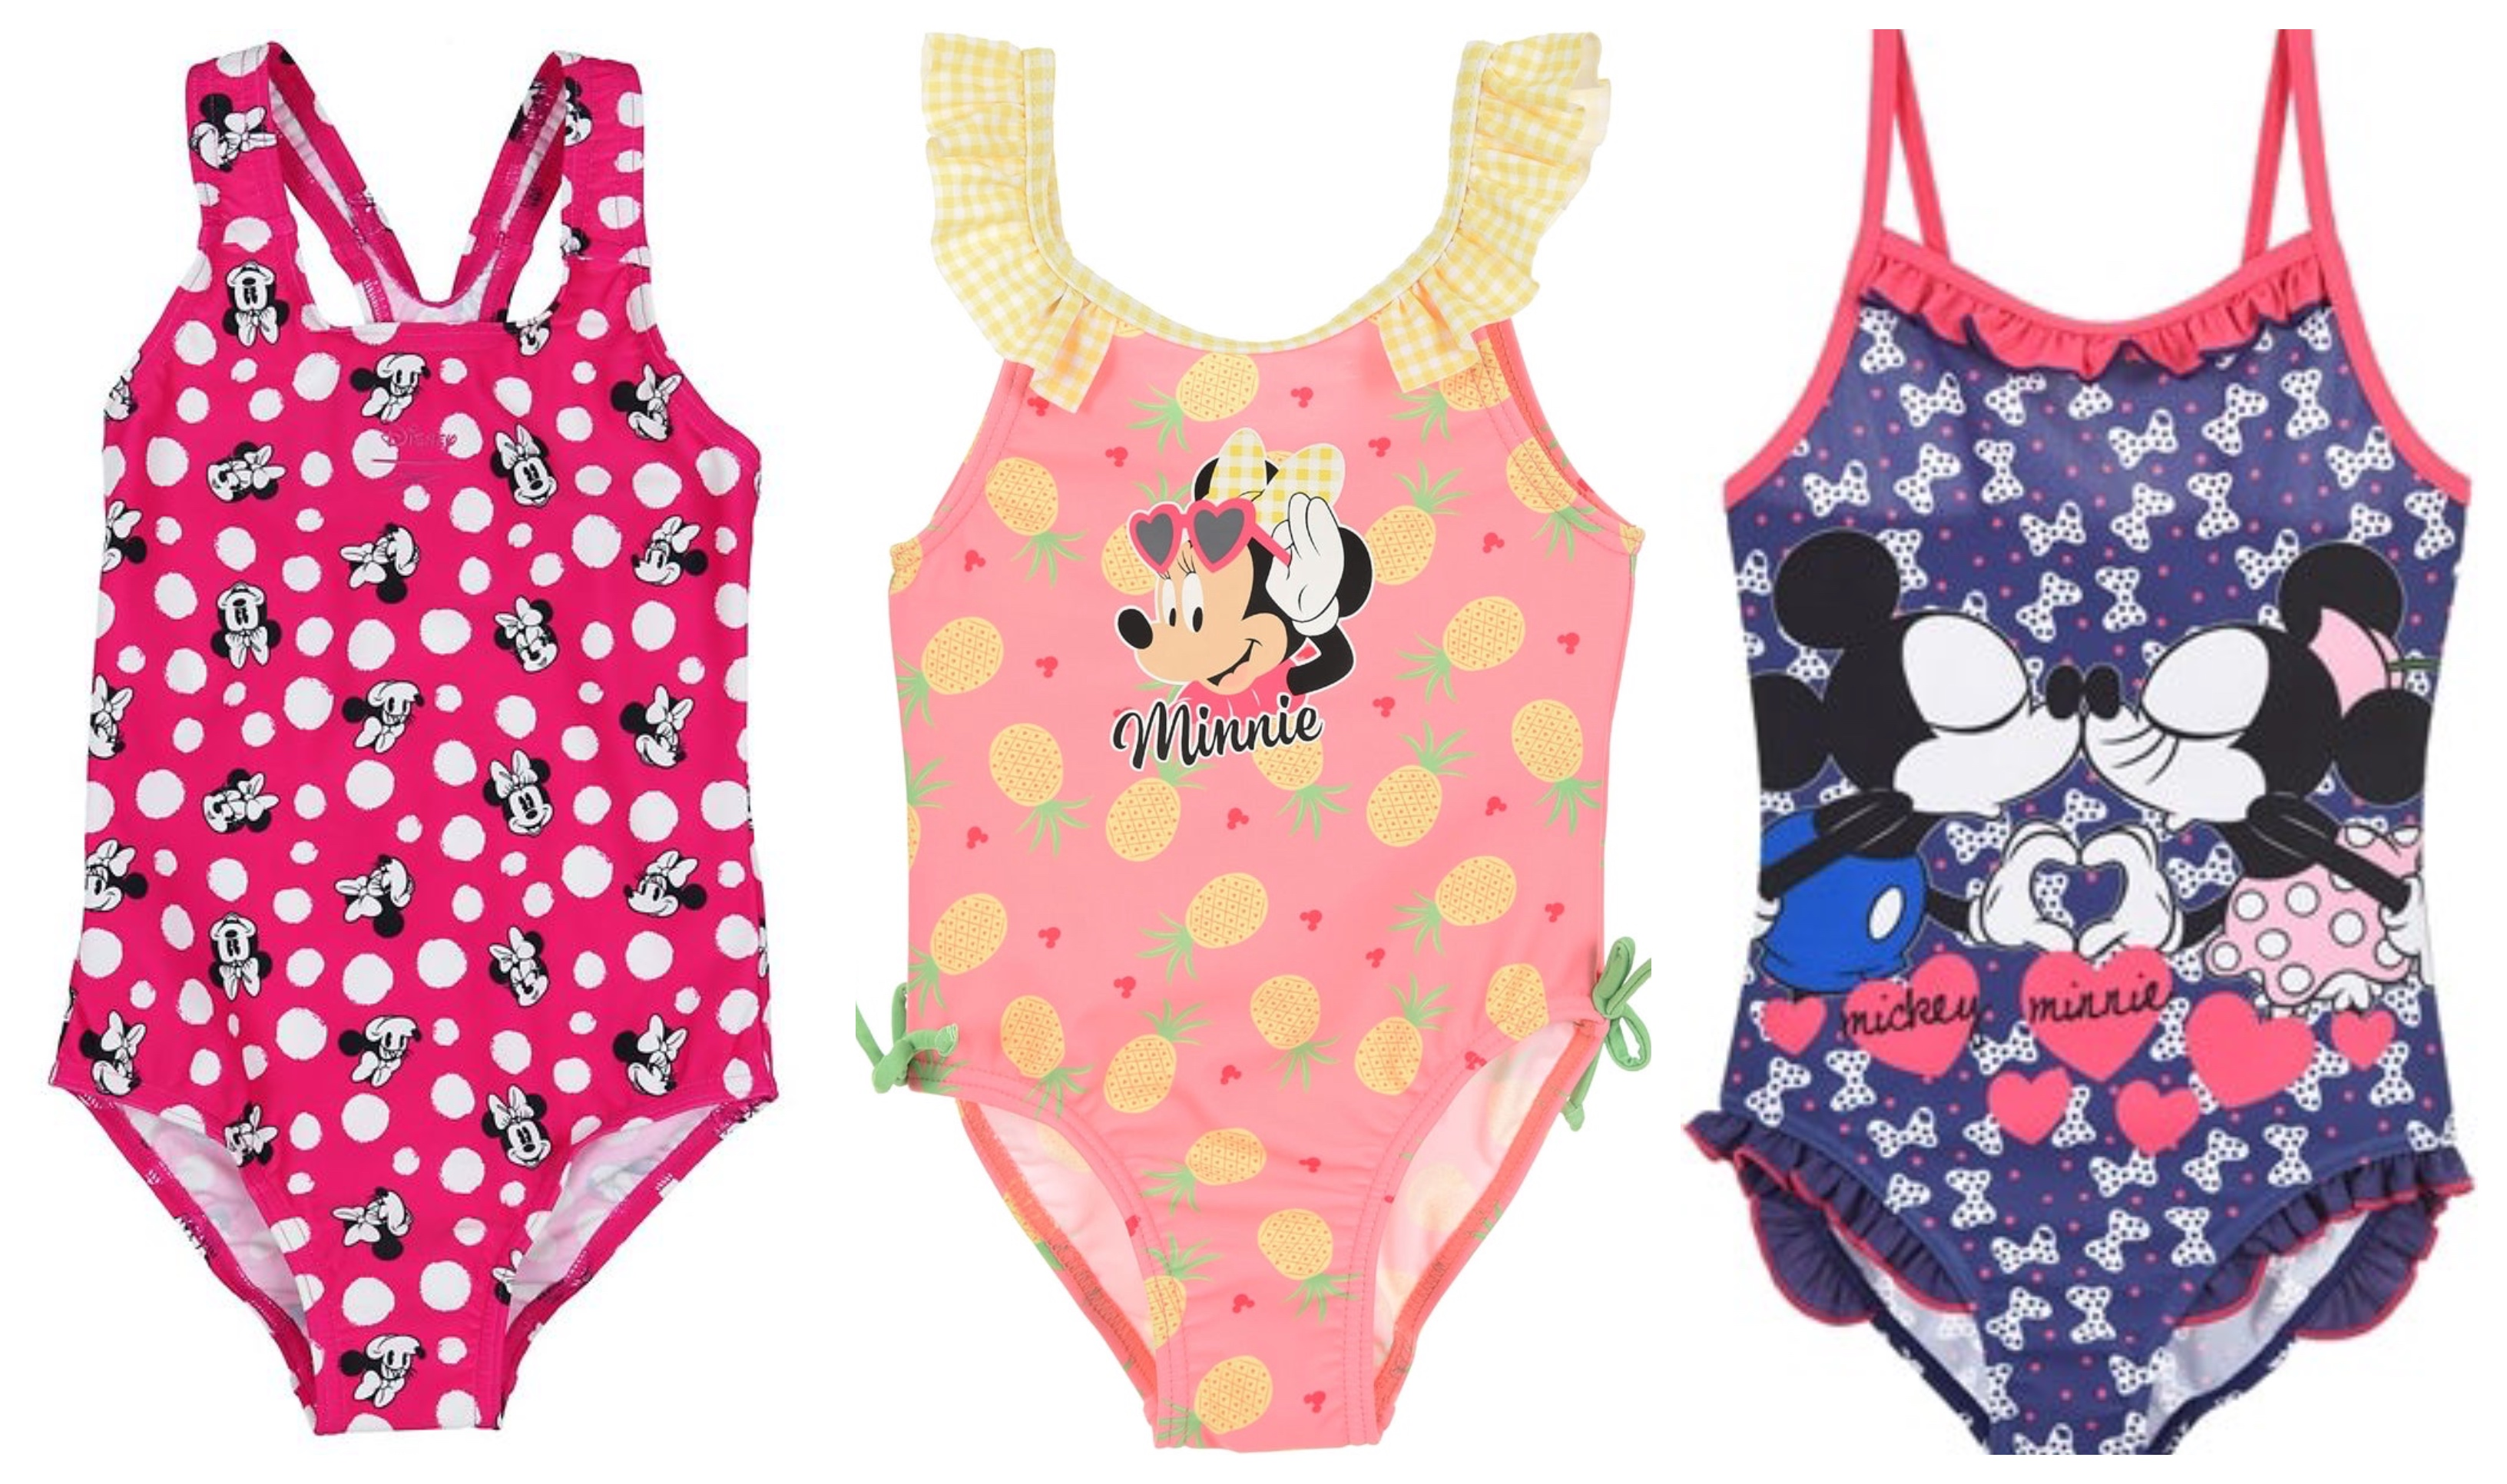 Minnie Mouse badetøj til børn